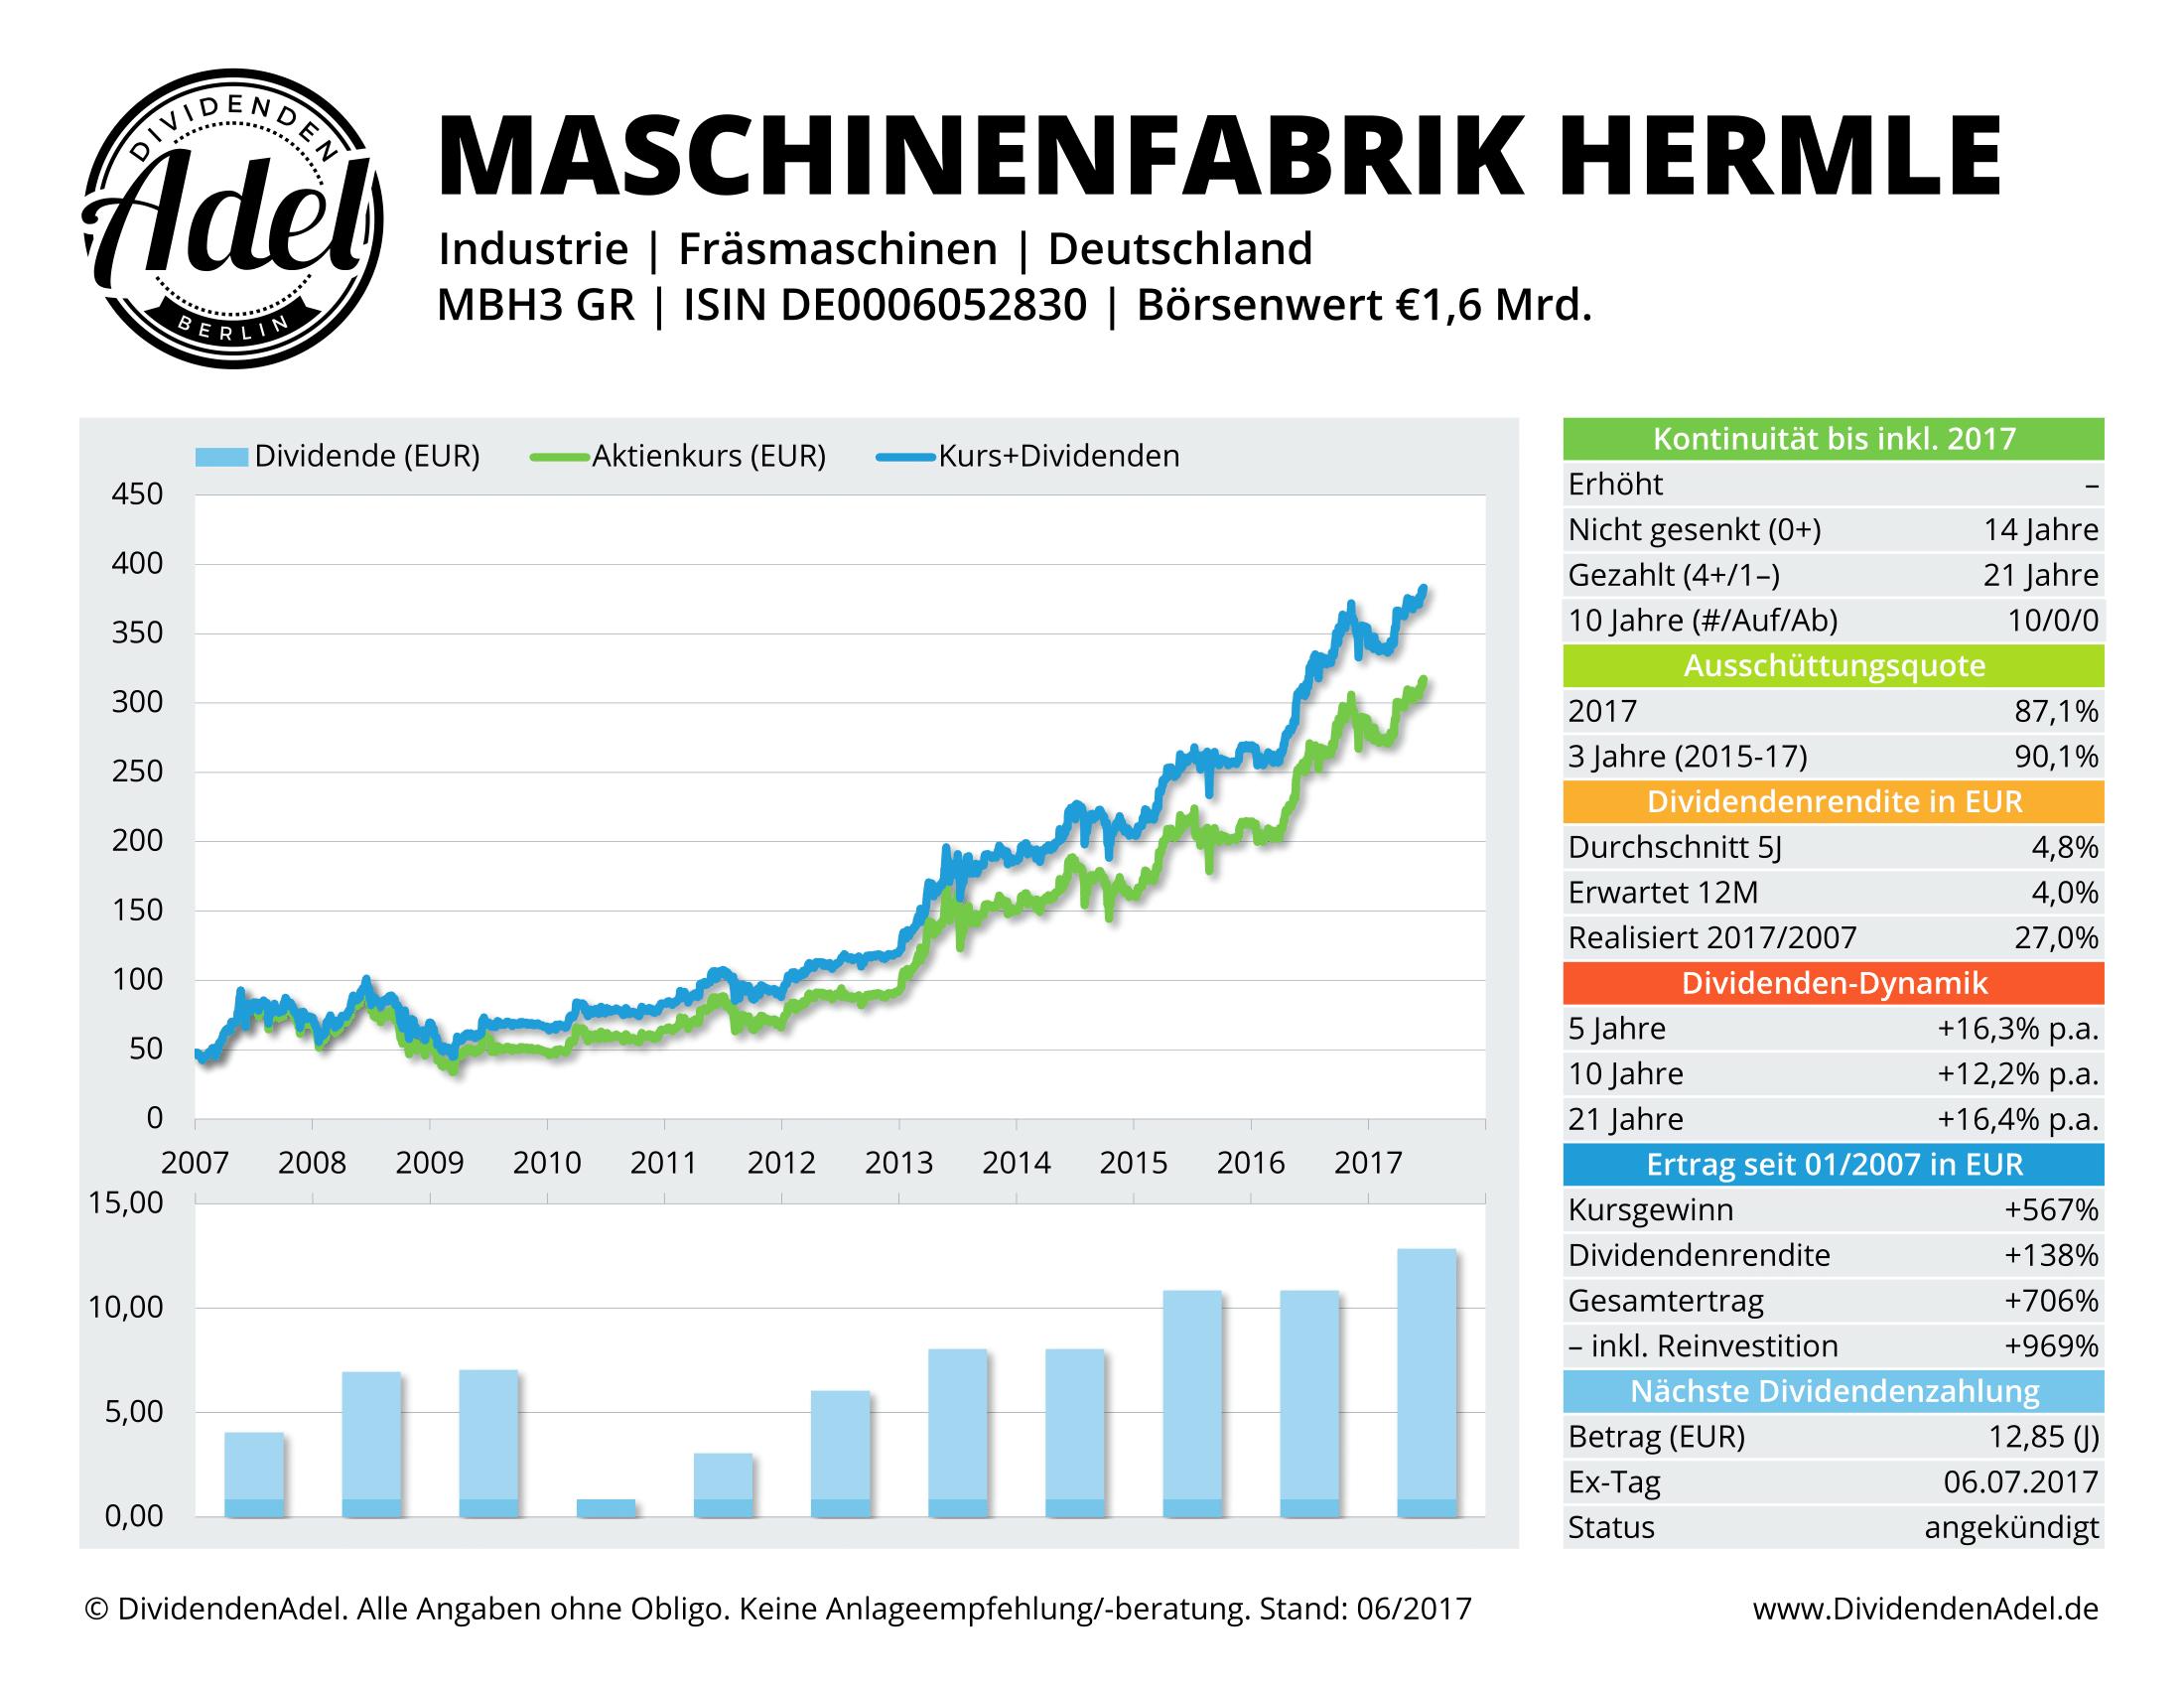 DividendenAdel Profil Maschinenfabrik Berthold Hermle